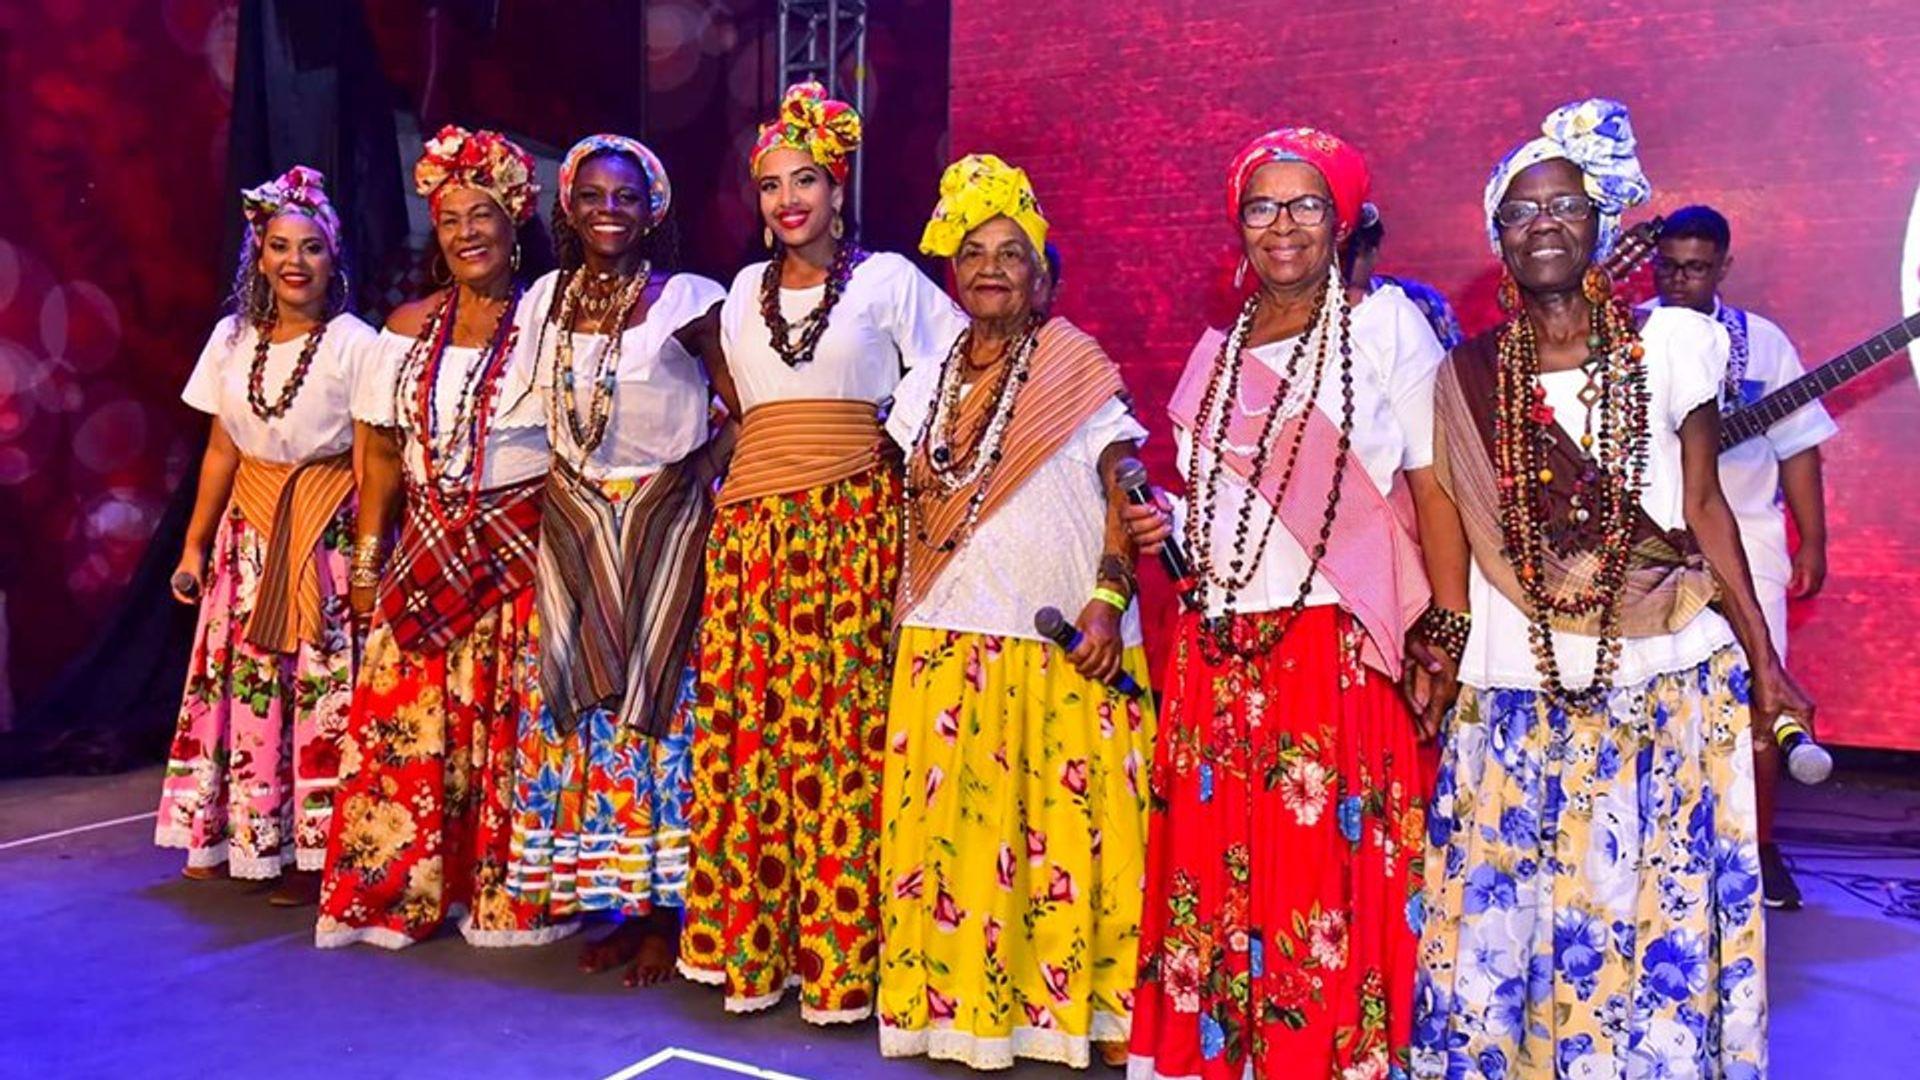 Ganhadeiras de Itapuã na festa de lançamento do enredo da Unidos do Viradouro. Foto: Carlos Papacena